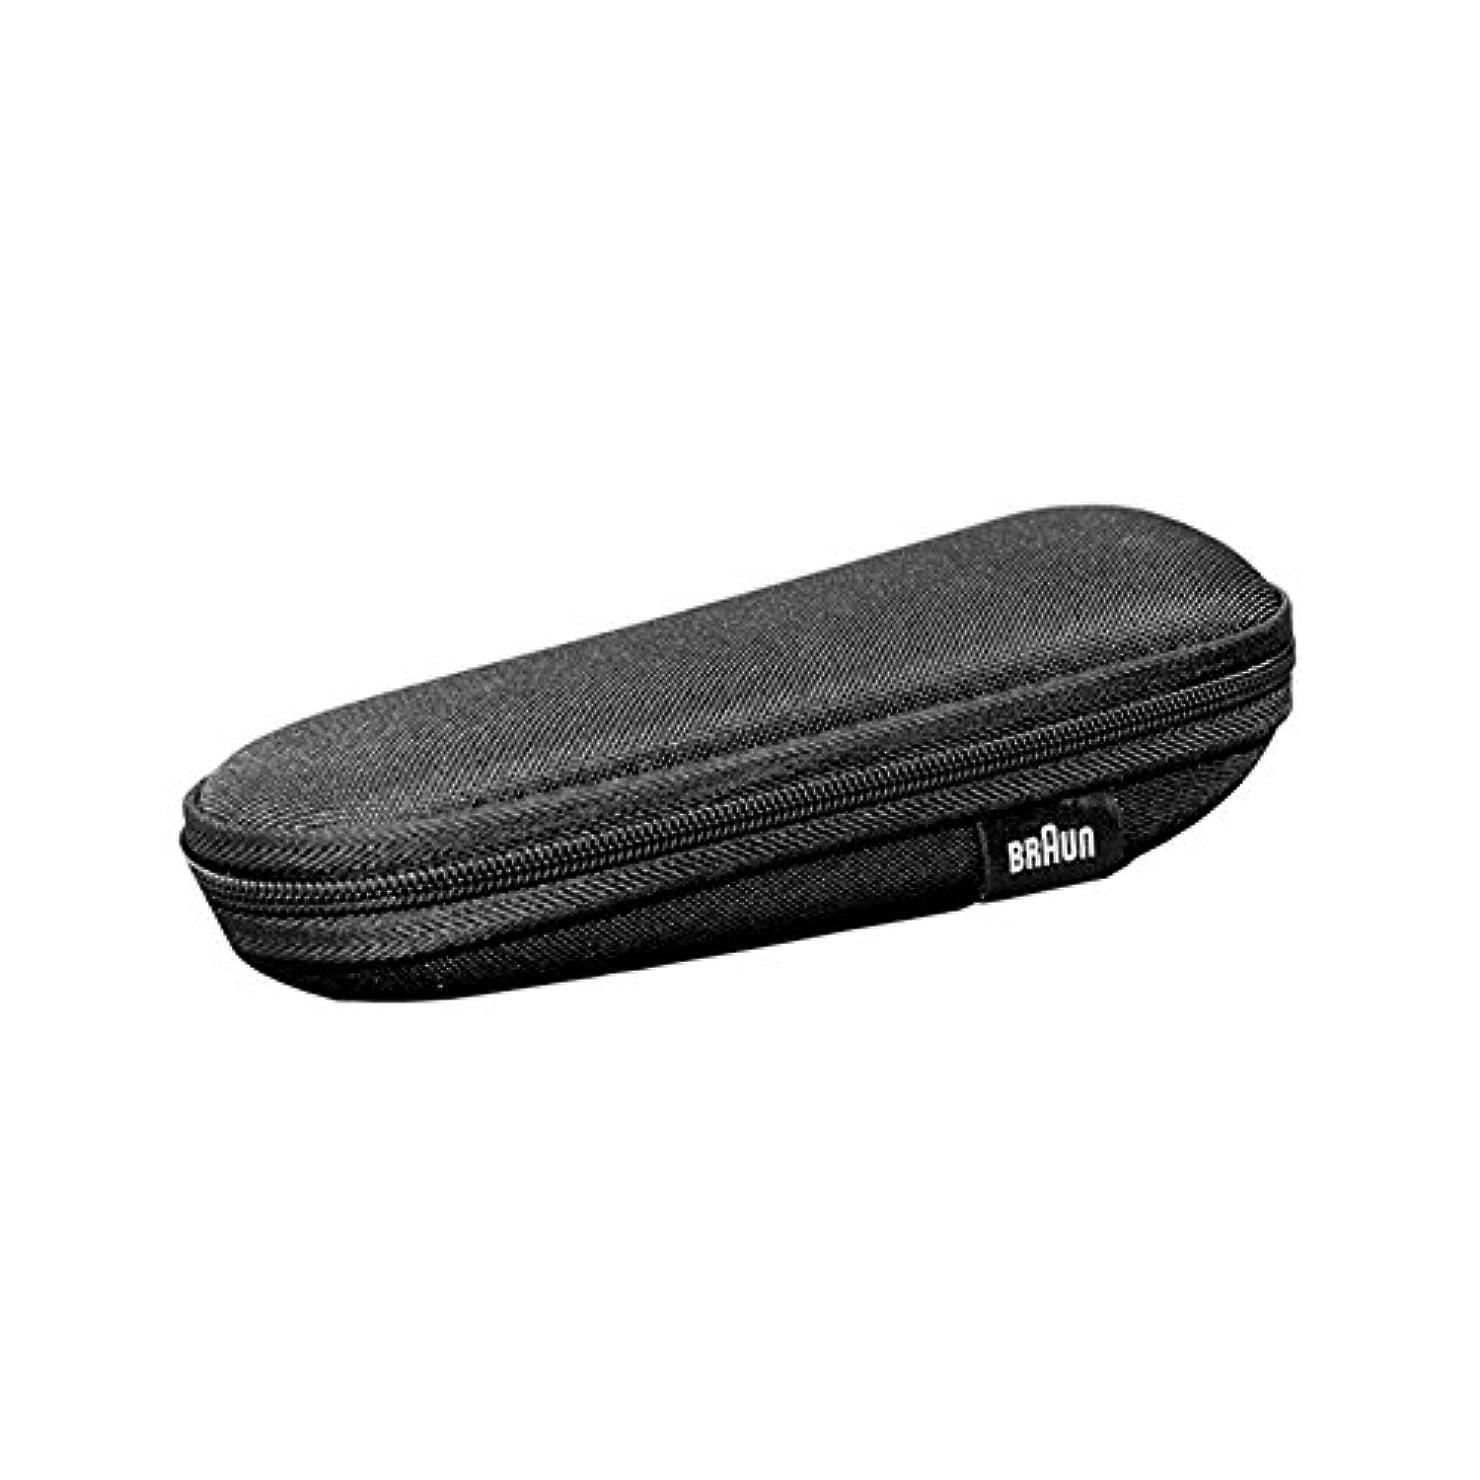 超高層ビルかろうじて密輸HZjundasi Travel Hard ケース Protective バッグ ポーチ For Braun Shaver 3020S 3030S 3040S 3050CC